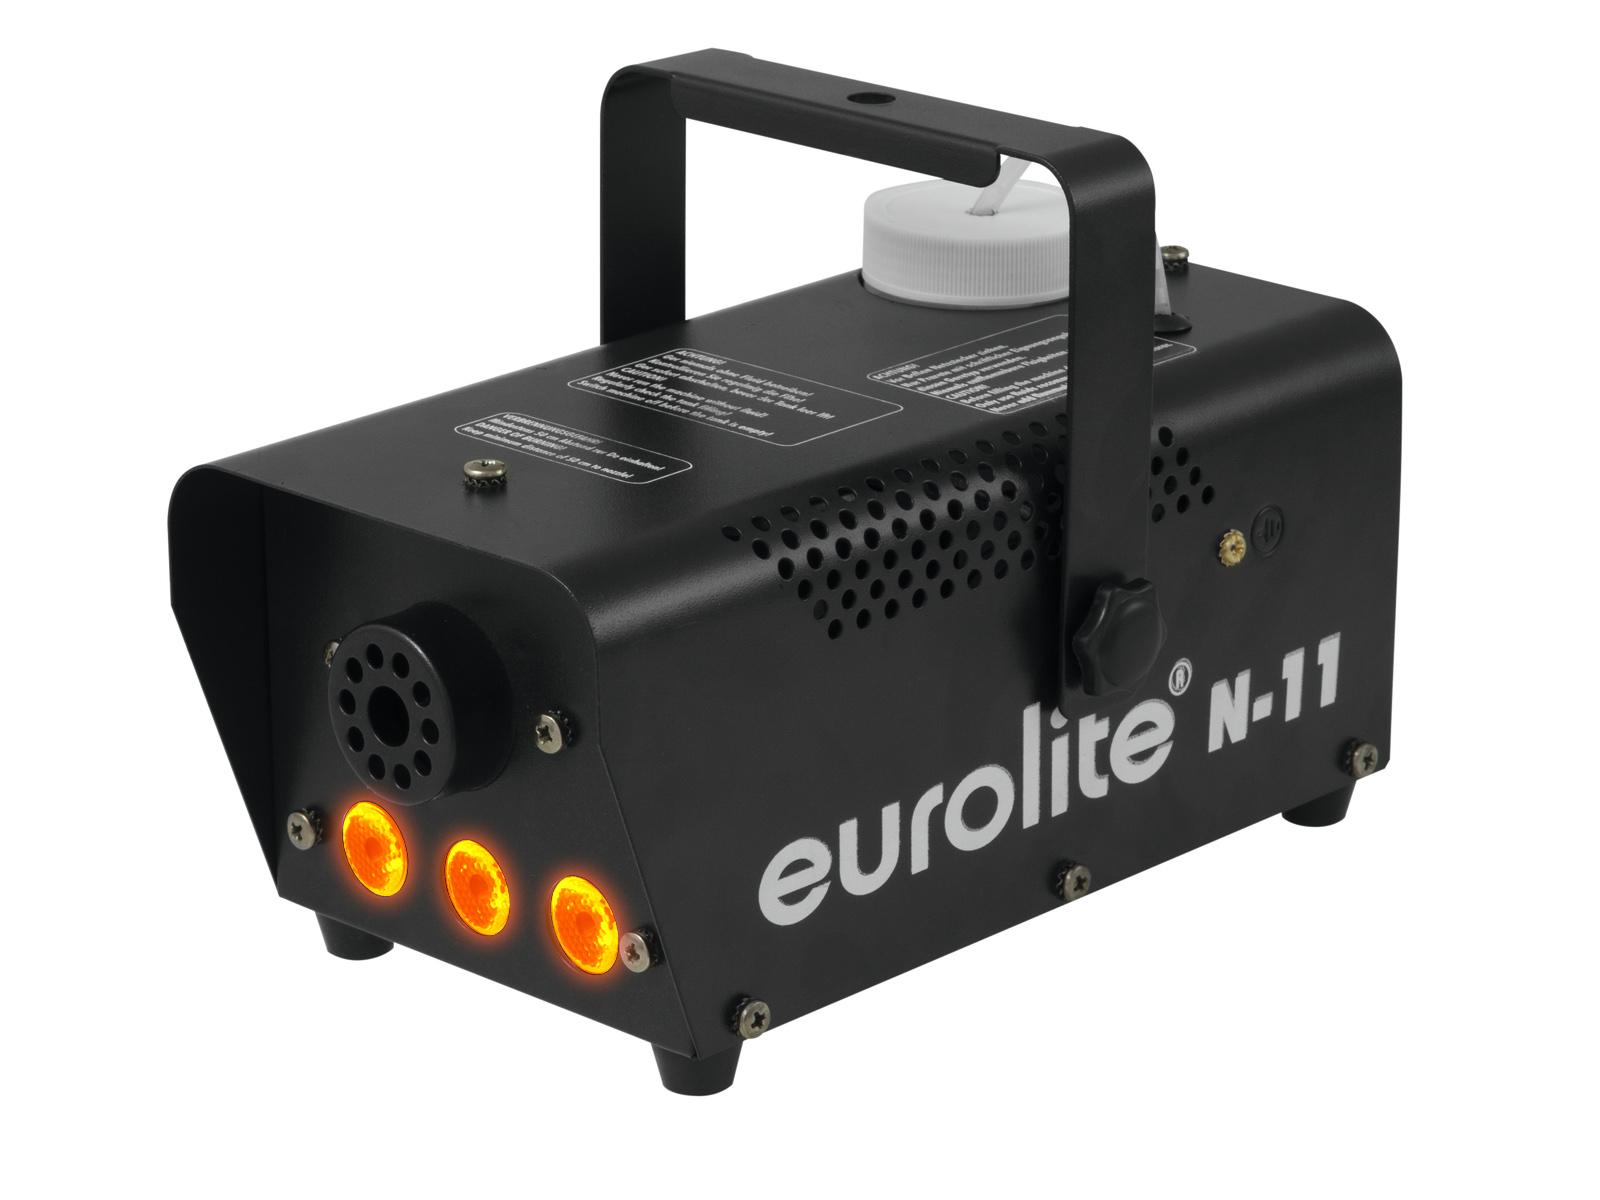 Eurolite Flame LED výrobník mlhy s oranžovými LED diodami